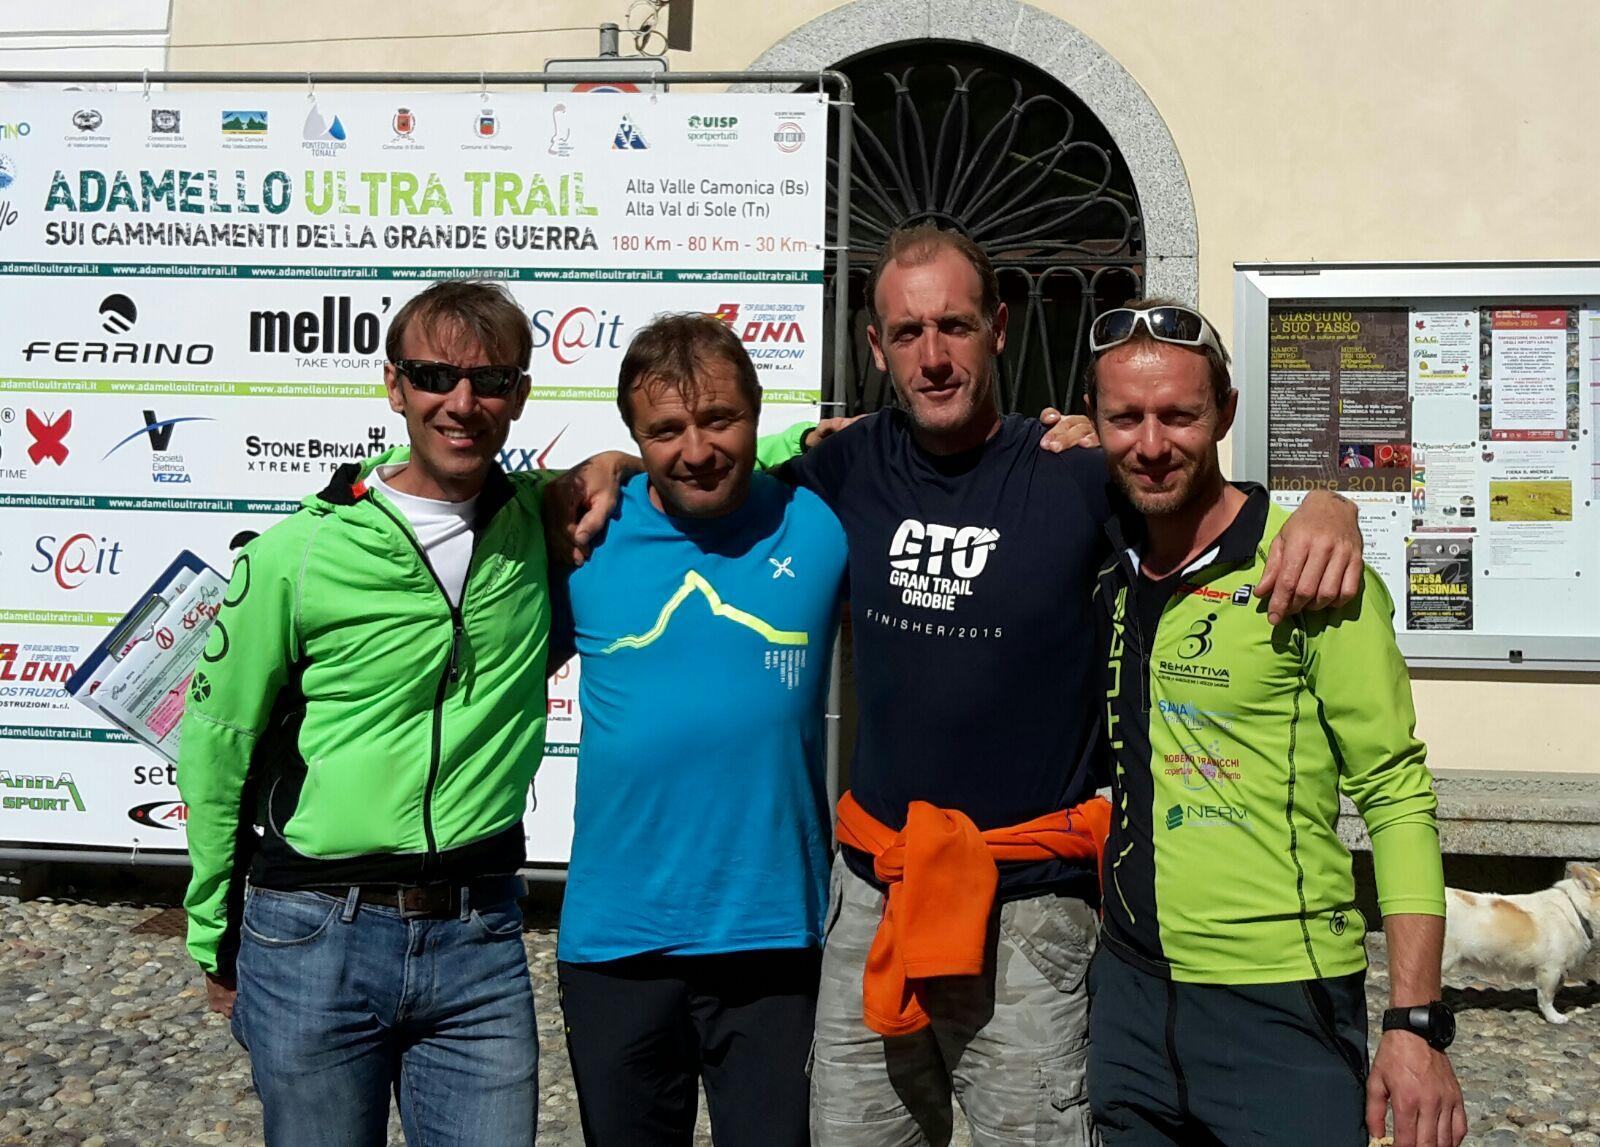 Adamello Ultra Trail 2016 02